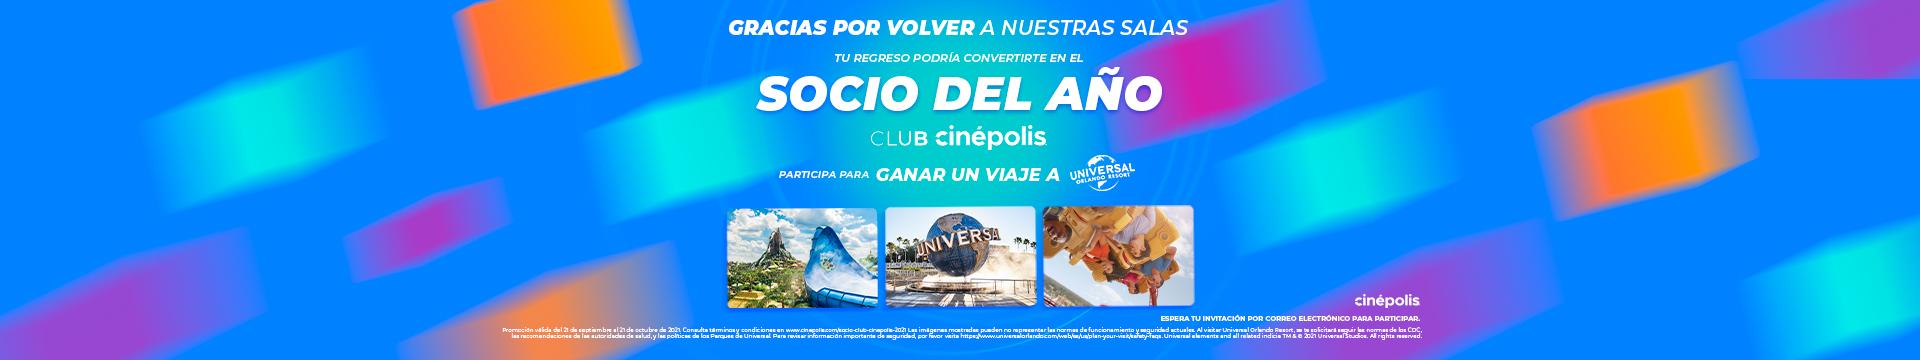 Promocion Club Cinépolis Socioas del Año